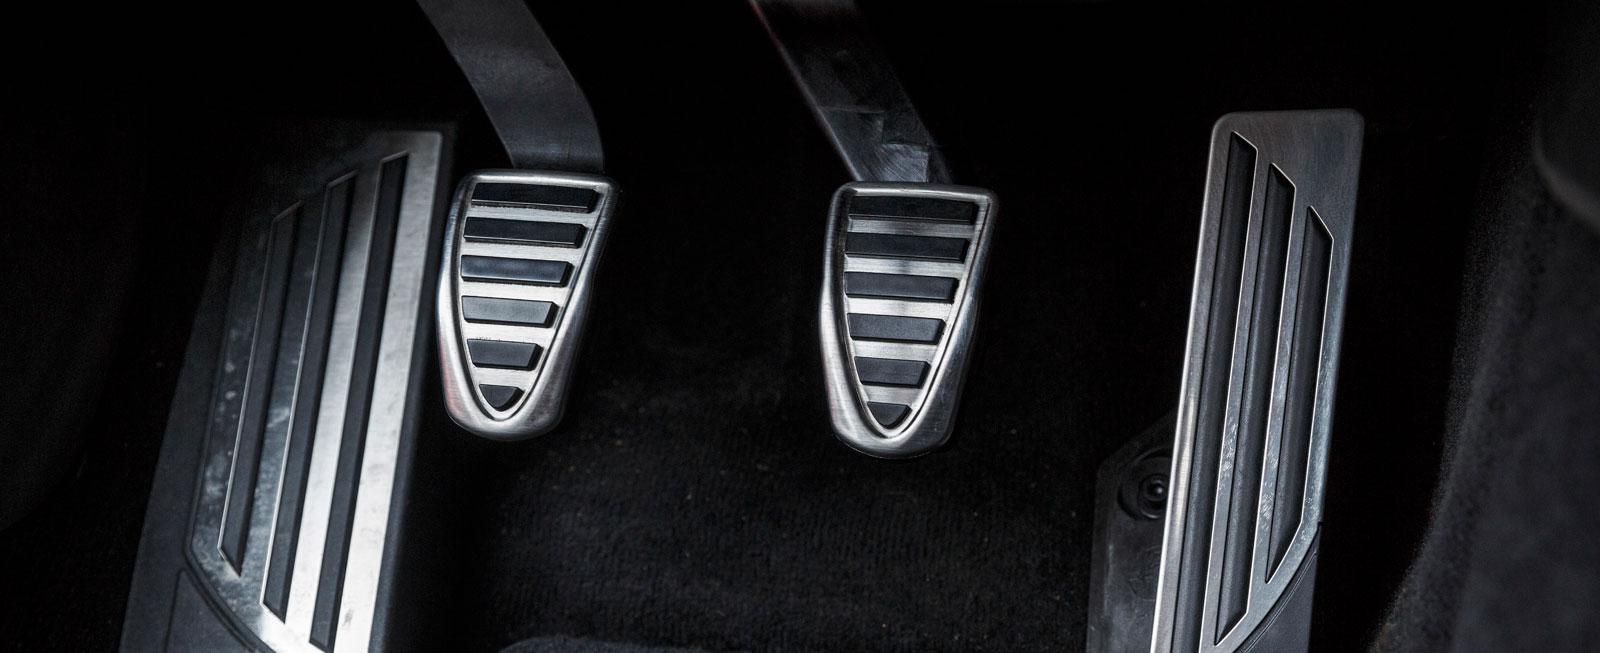 Formgivning ända ned på fotnivå hör till i Alfa Romeo Giulia. Stödplattan för vänsterfoten är nästan alltför bred och kopplingens slag kunde gärna vara åtskilligt kortare.